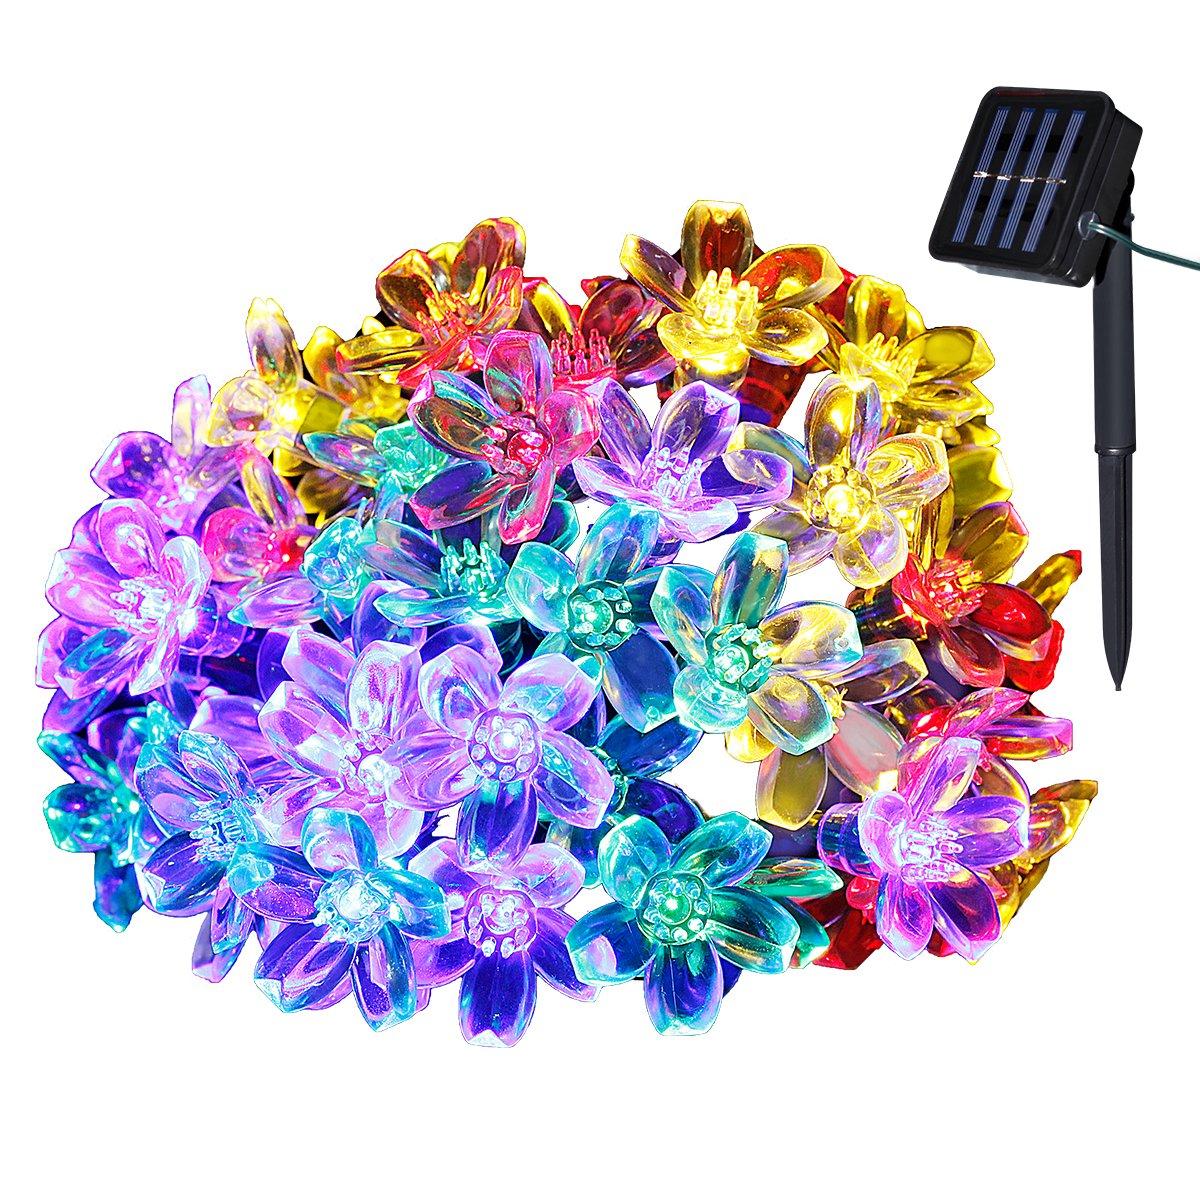 Yasolote 7M Cadena de Luz con Energía Solar 8 Modos 50 LED Impermeable de Diseño de Flor para Árbol de Navidad, Patio, Jardín, Terraza y Todas las Decoraciones Exteriores e Interiores (Colores) [Clase de eficiencia energética A++]